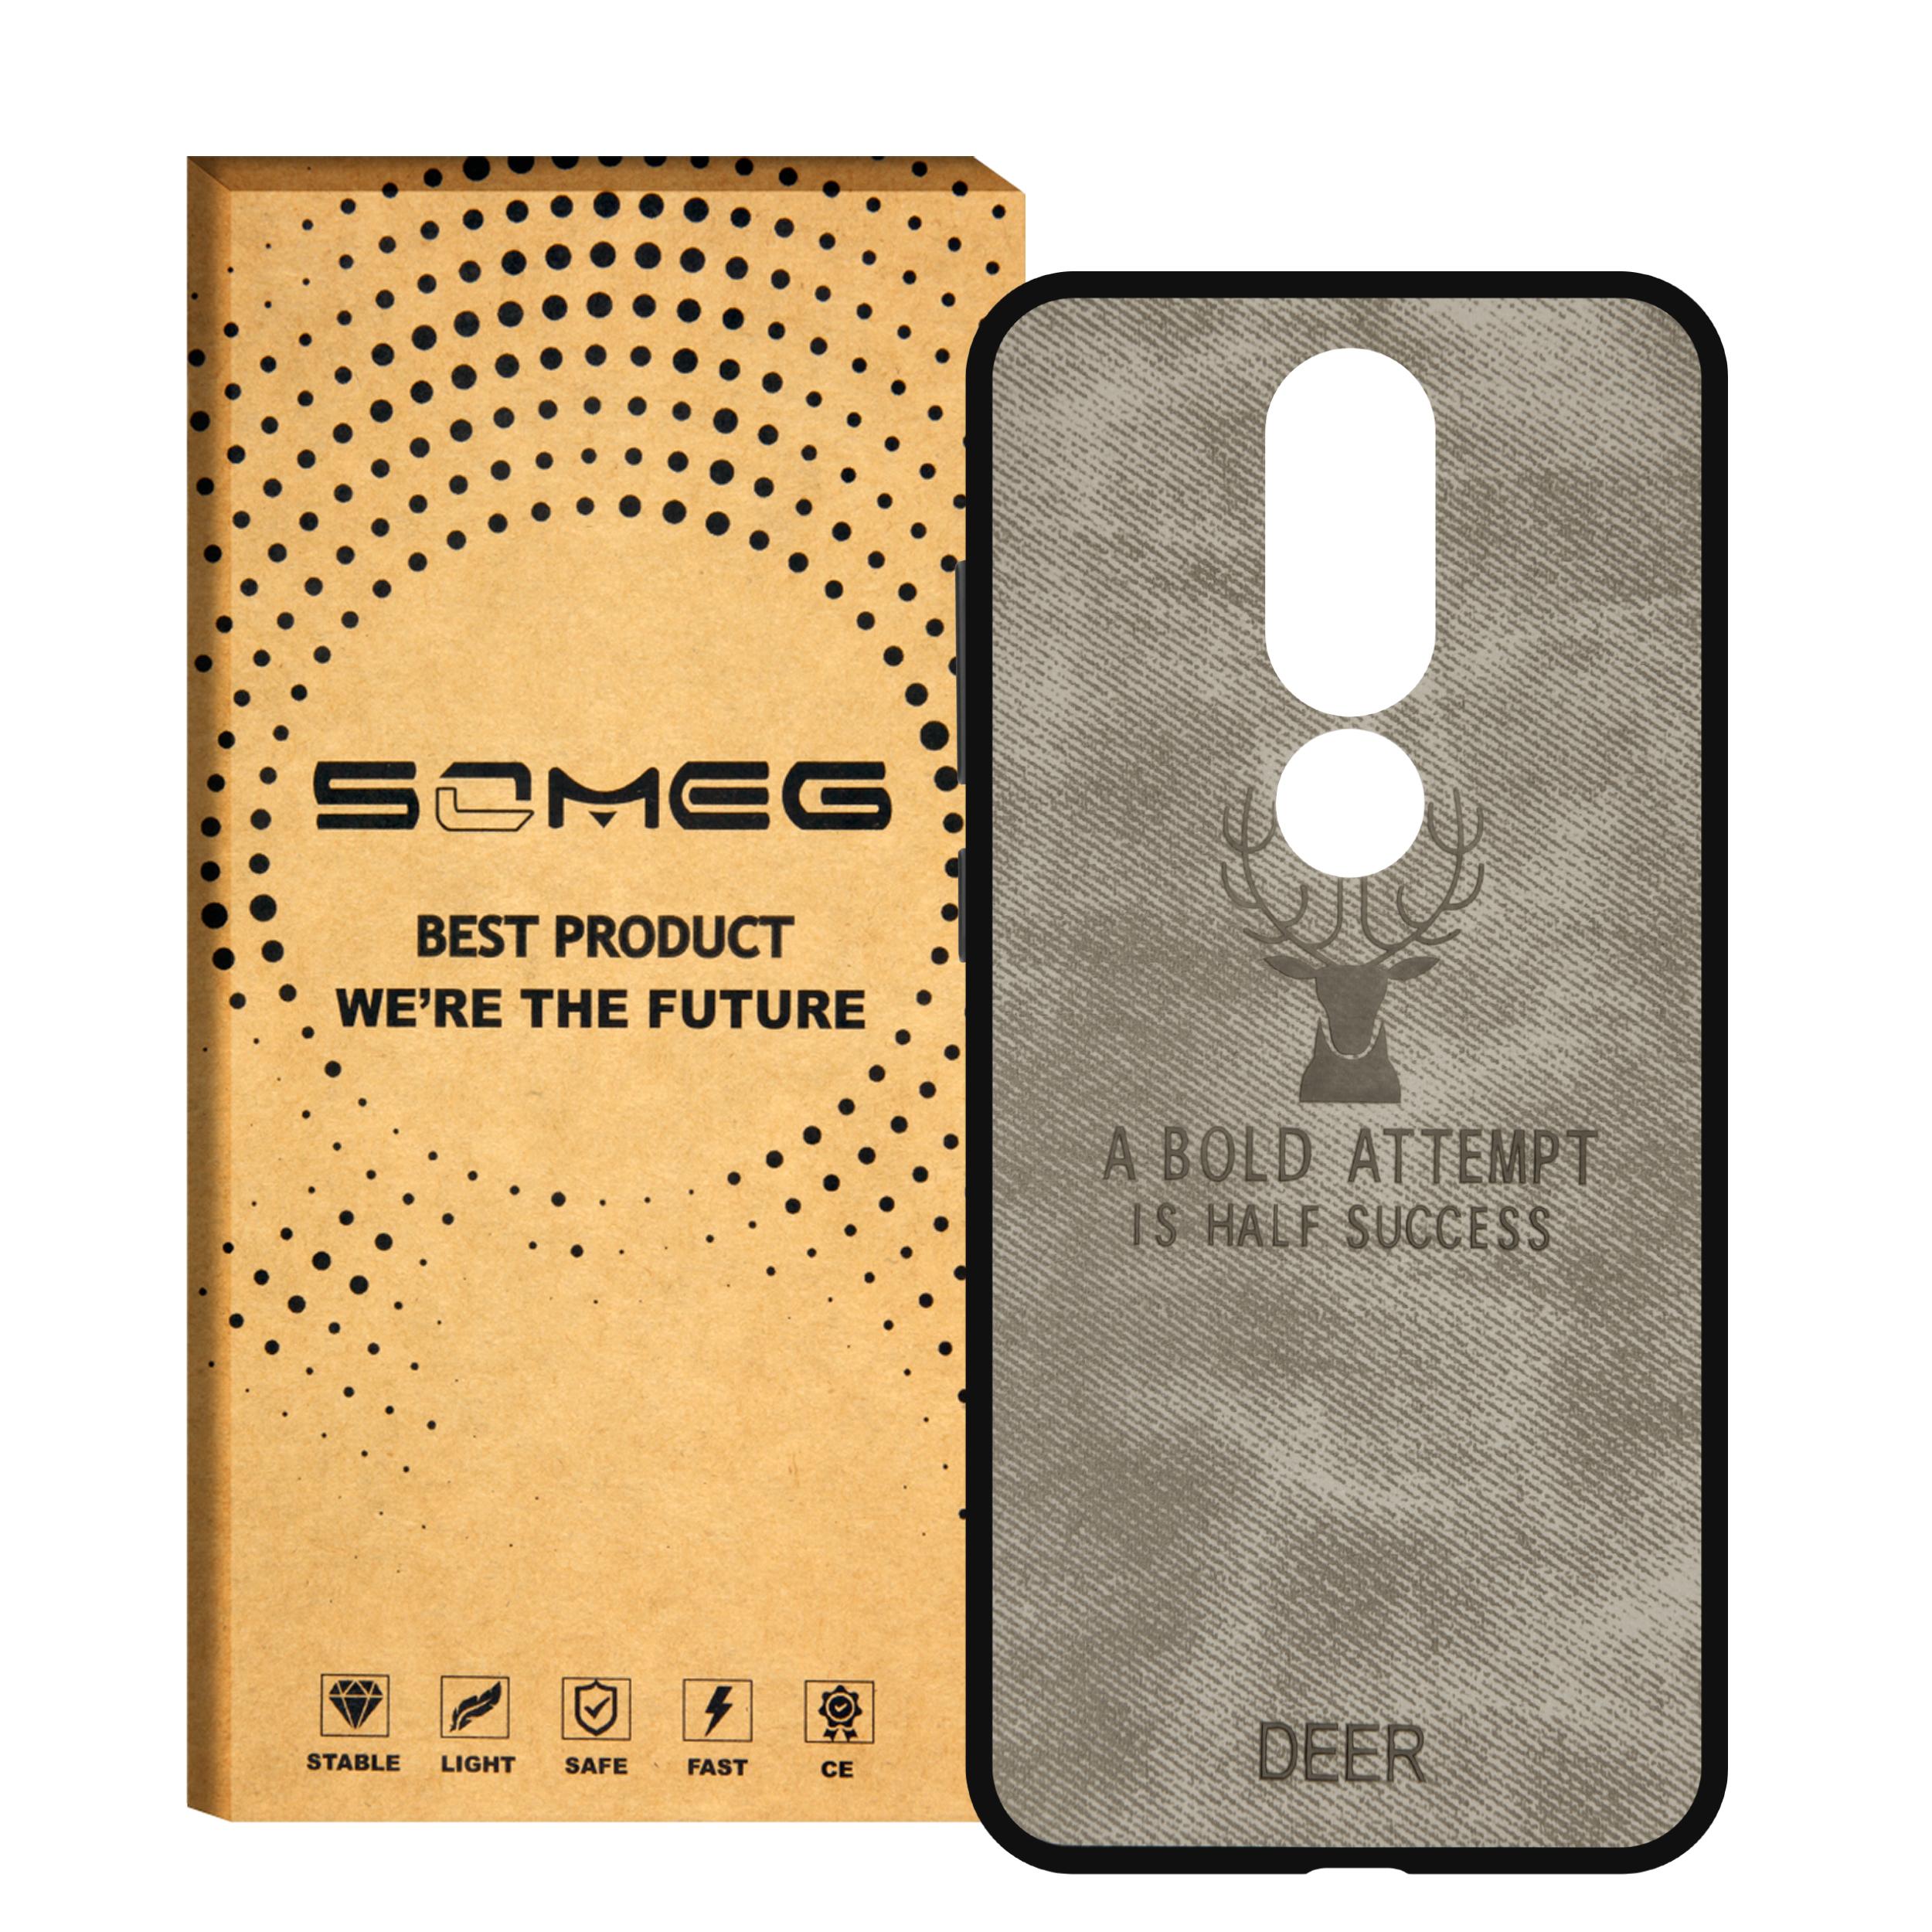 کاور سومگ مدل SMG-Der02 مناسب گوشی موبایل نوکیا 6.1 plus              ( قیمت و خرید)